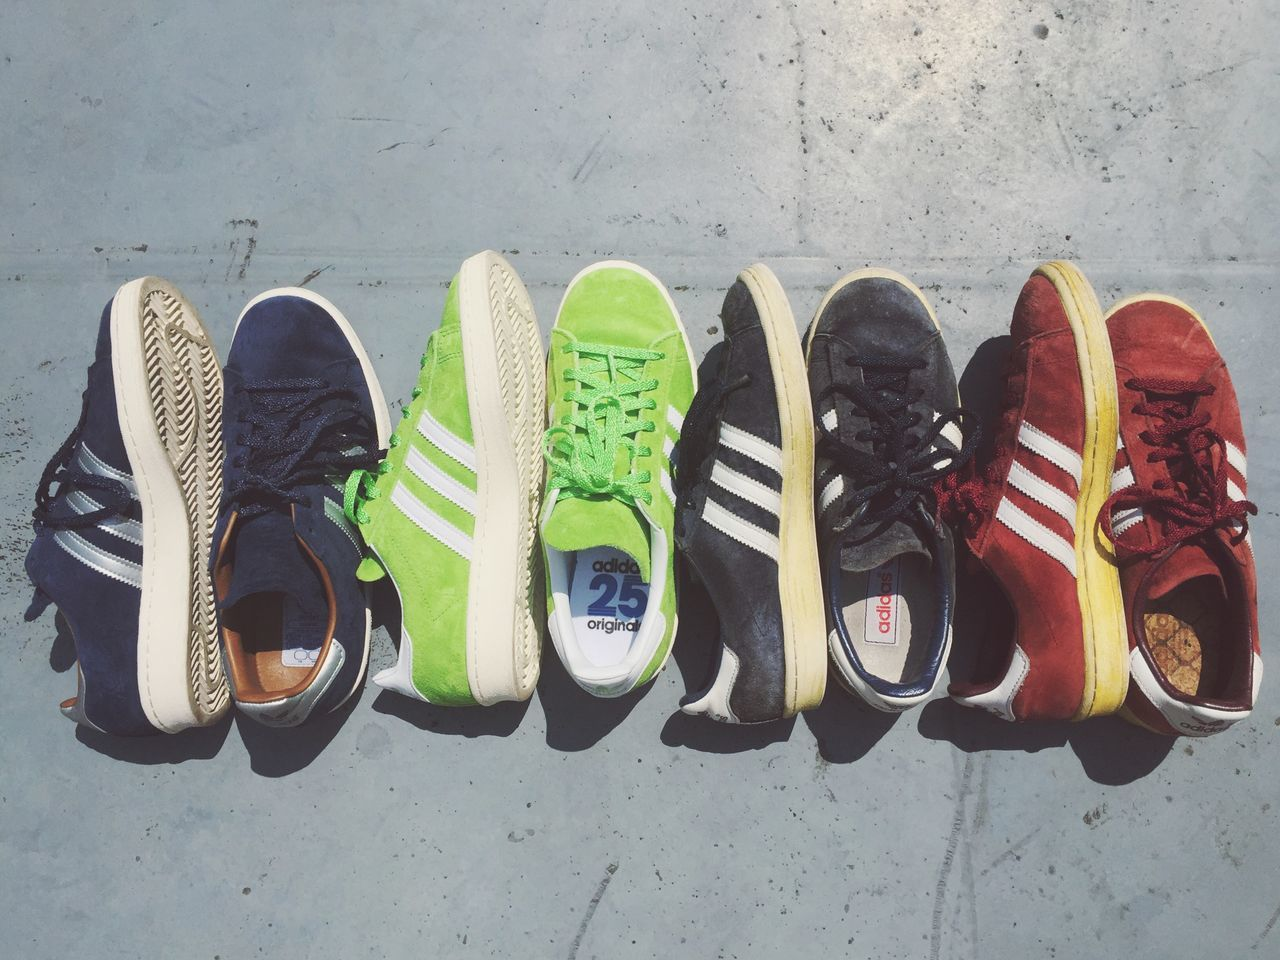 Sneaker Adidas Originals Adidascampus80's